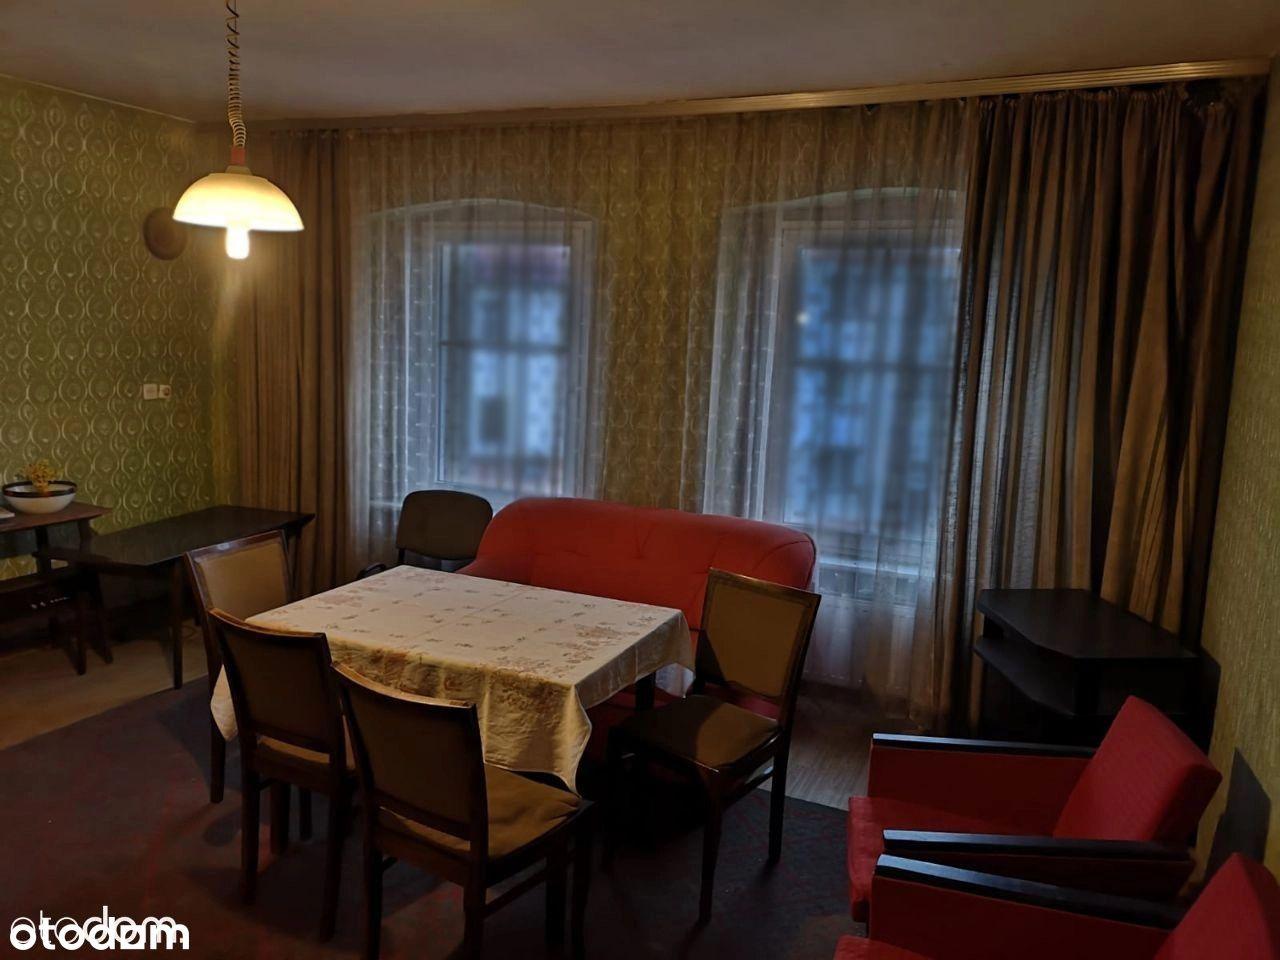 Mieszkanie do sprzedaży w Koźlu